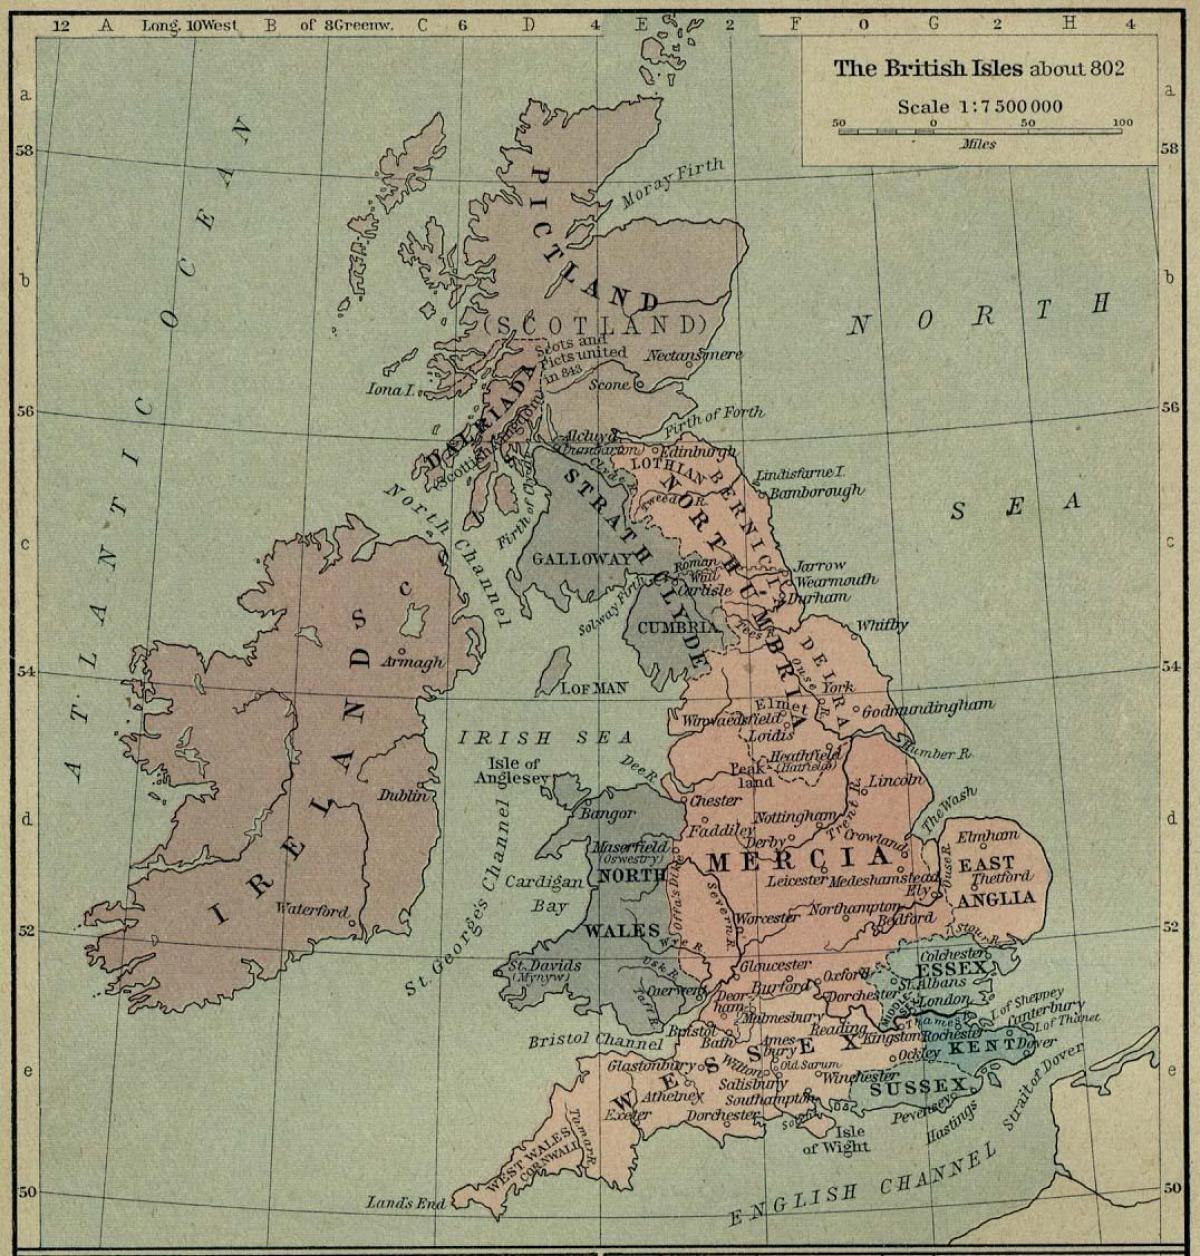 Immagini Della Cartina Della Gran Bretagna.Antica Mappa Della Gran Bretagna Vecchia Mappa Della Gran Bretagna Europa Del Nord Europa